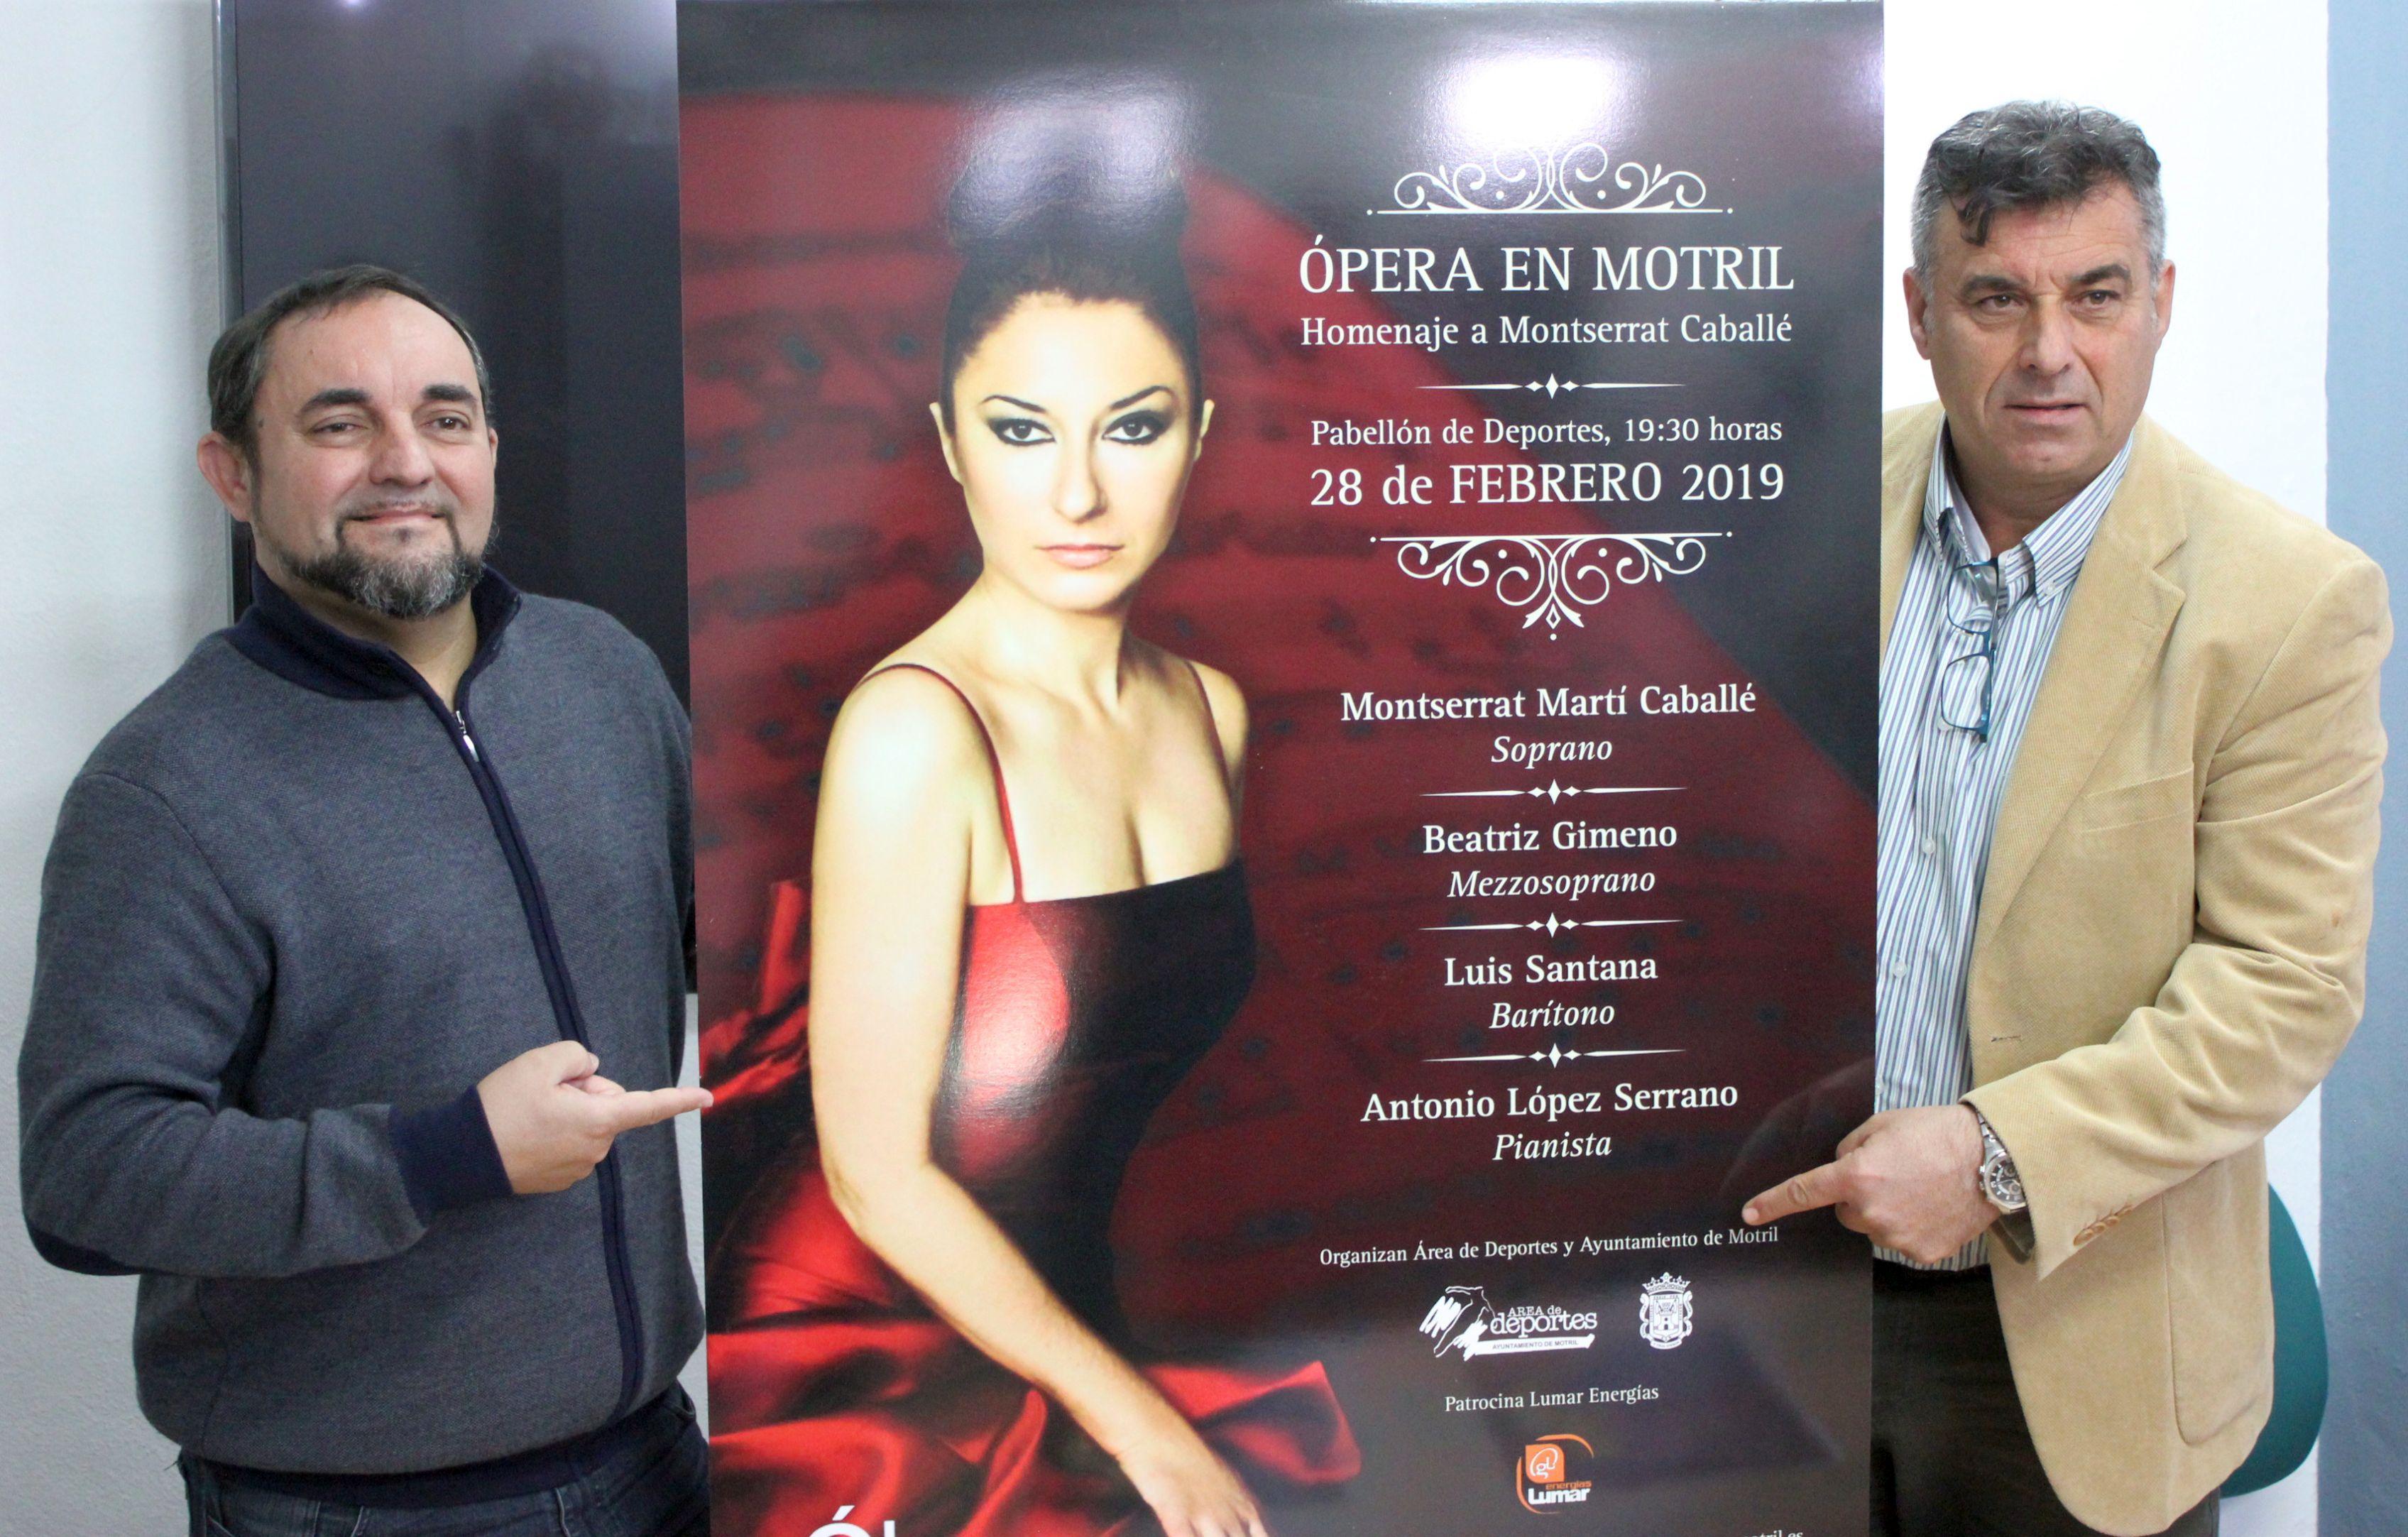 Presentación del concierto homenaje a Montserrat Caballé